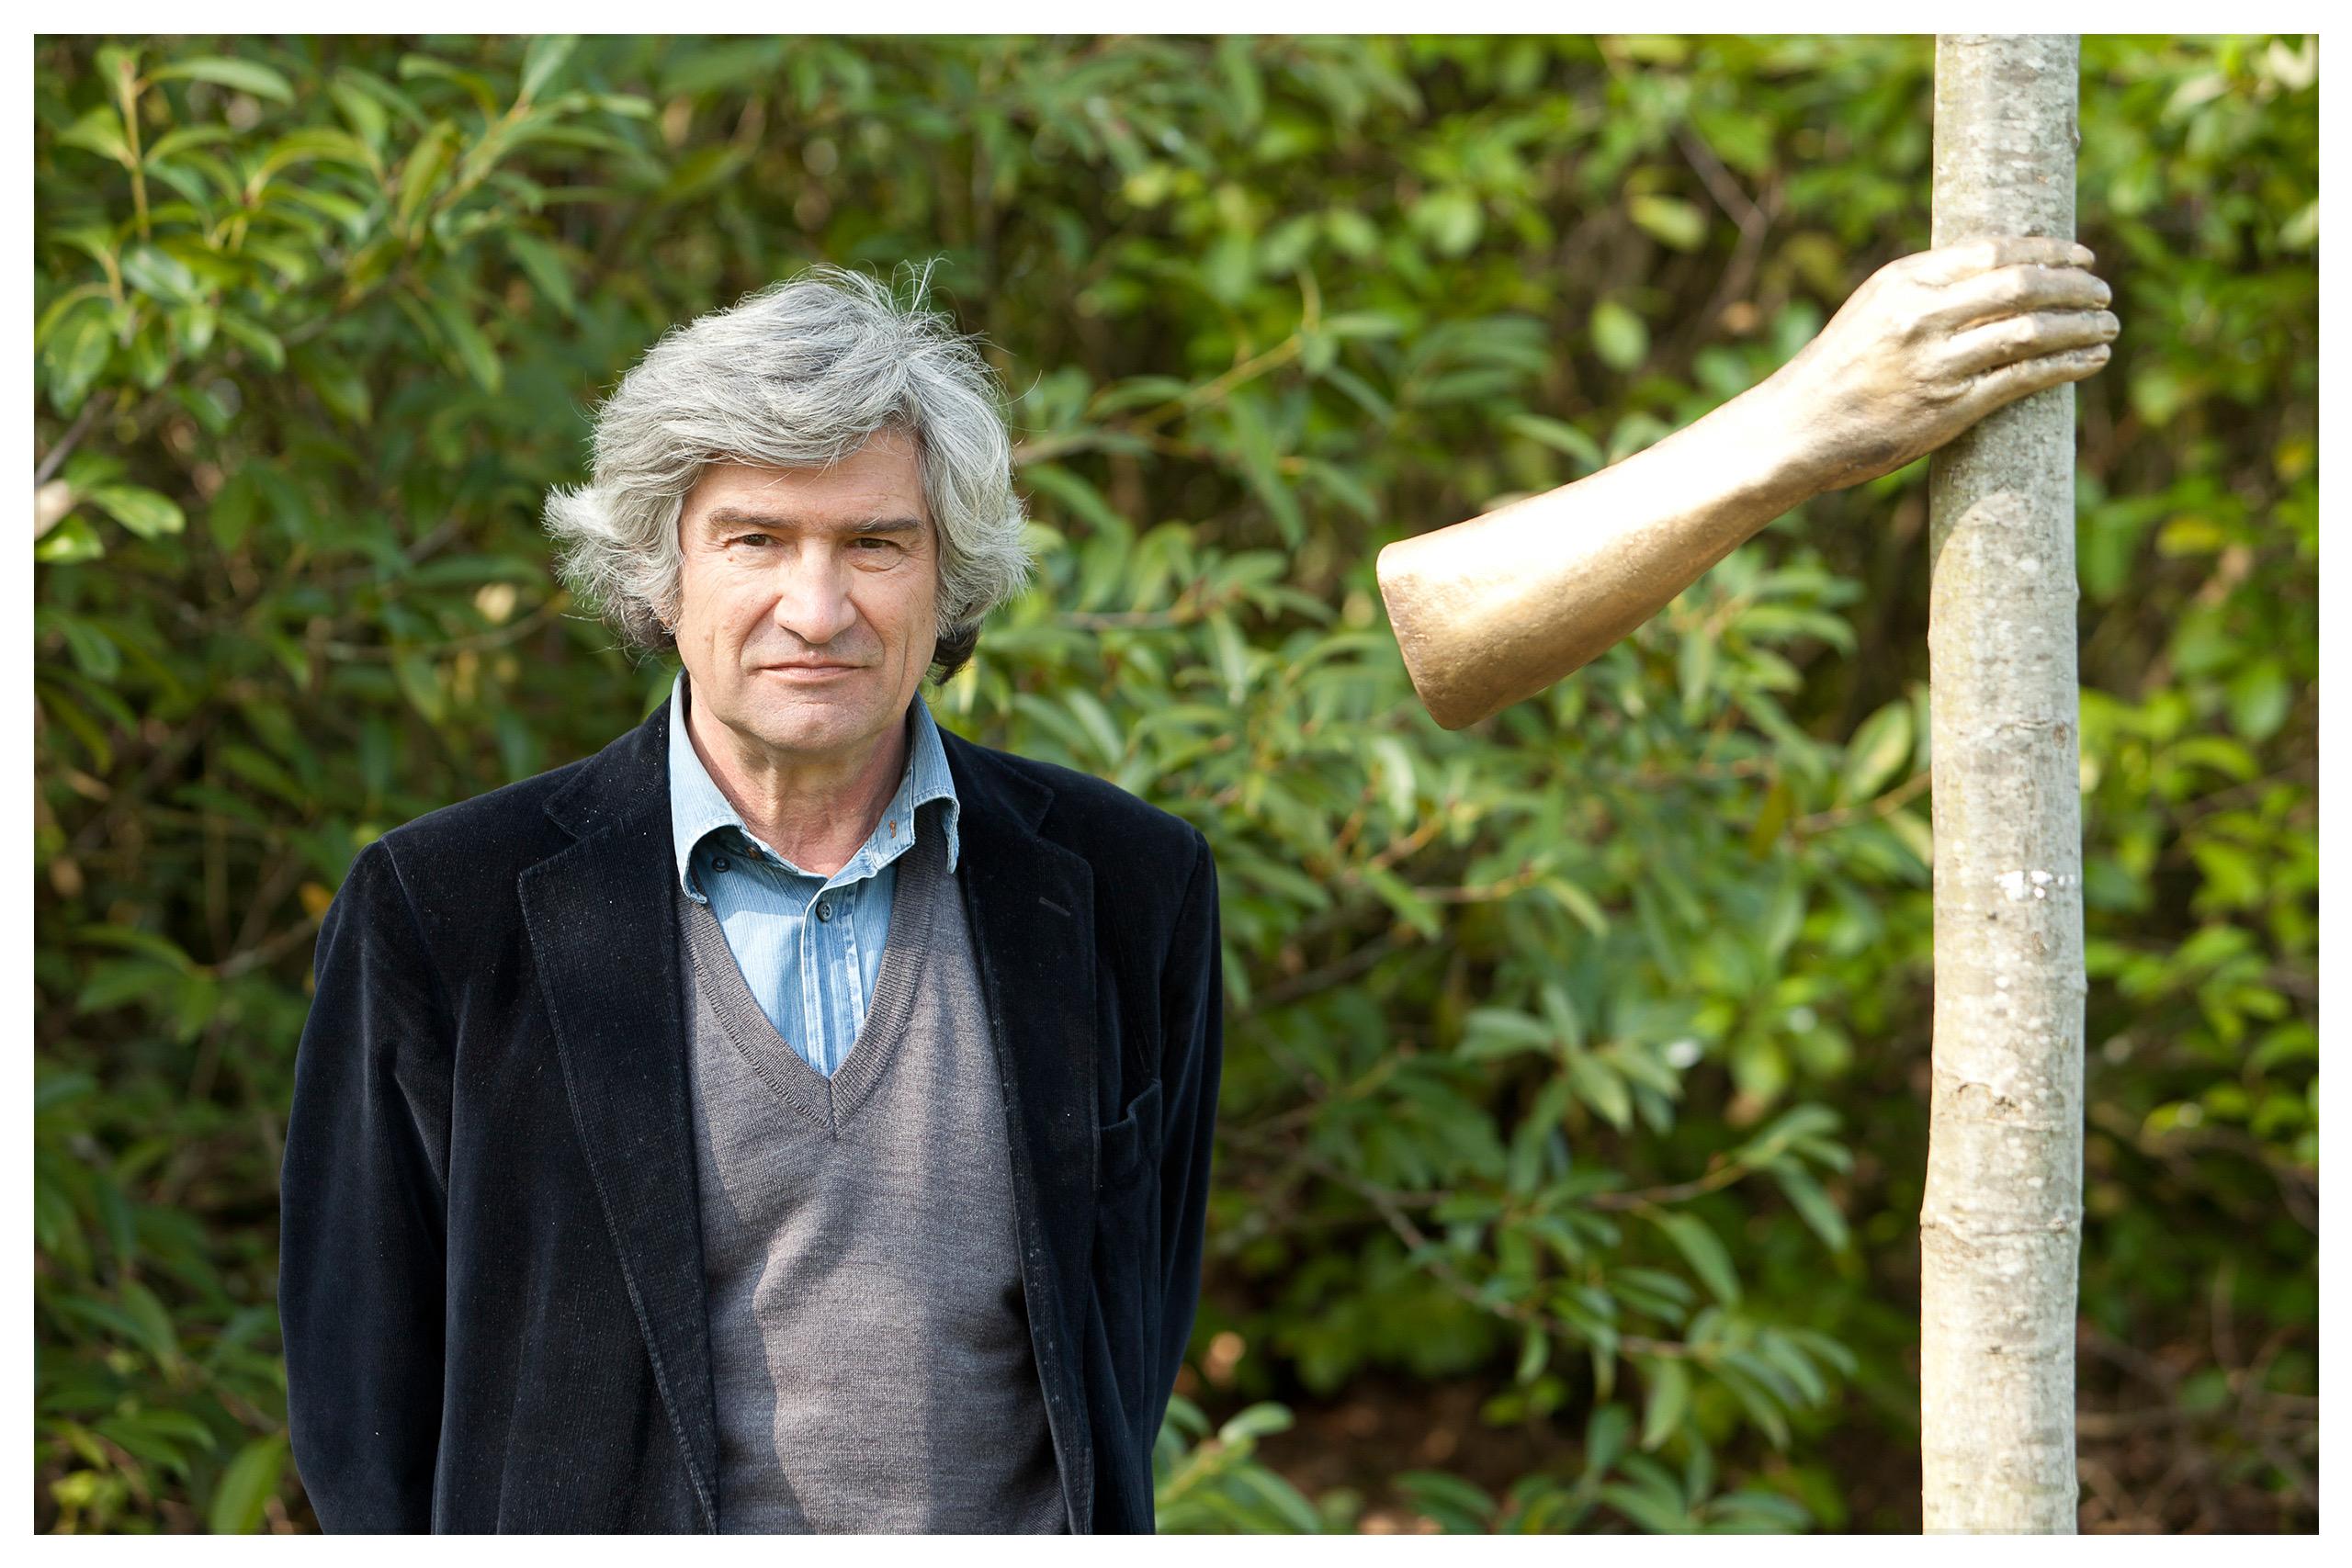 Giuseppe Penone au Domaine de Chaumont-sur-Loire, 2012 – © Éric Sander